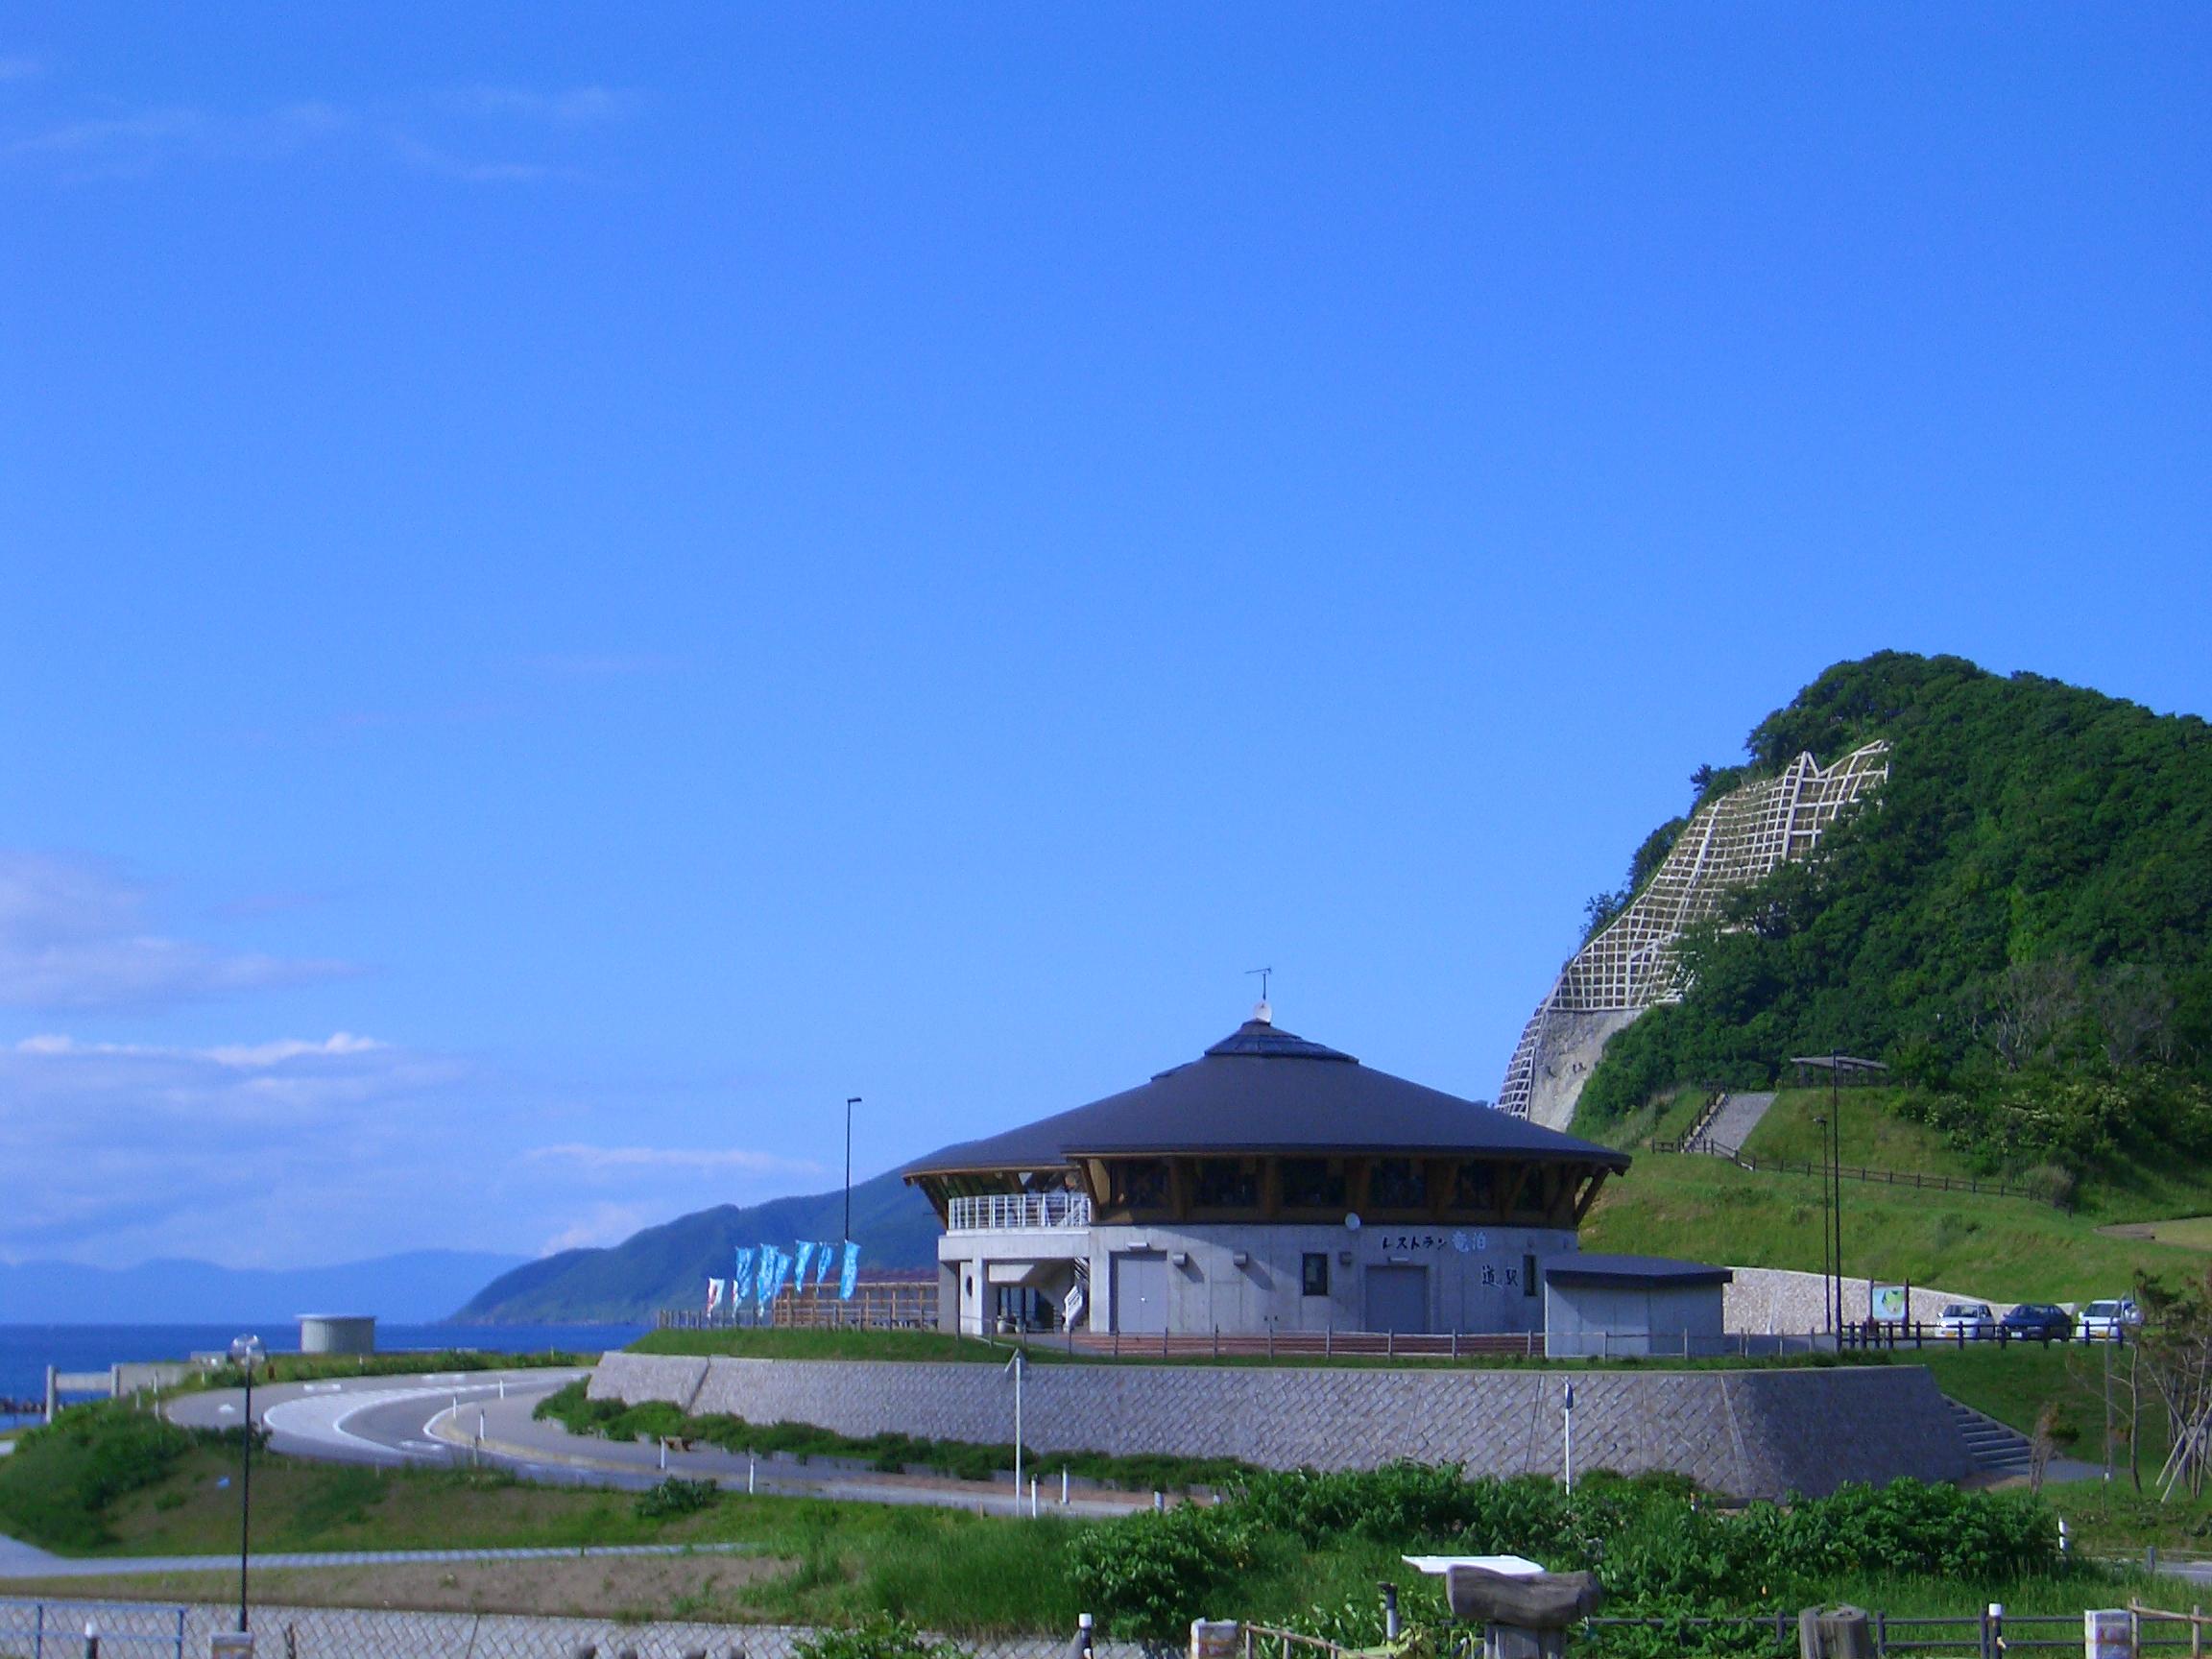 青森が味わえるお店 青森県内 西南津軽地域 道の駅こどまり レストラン竜泊